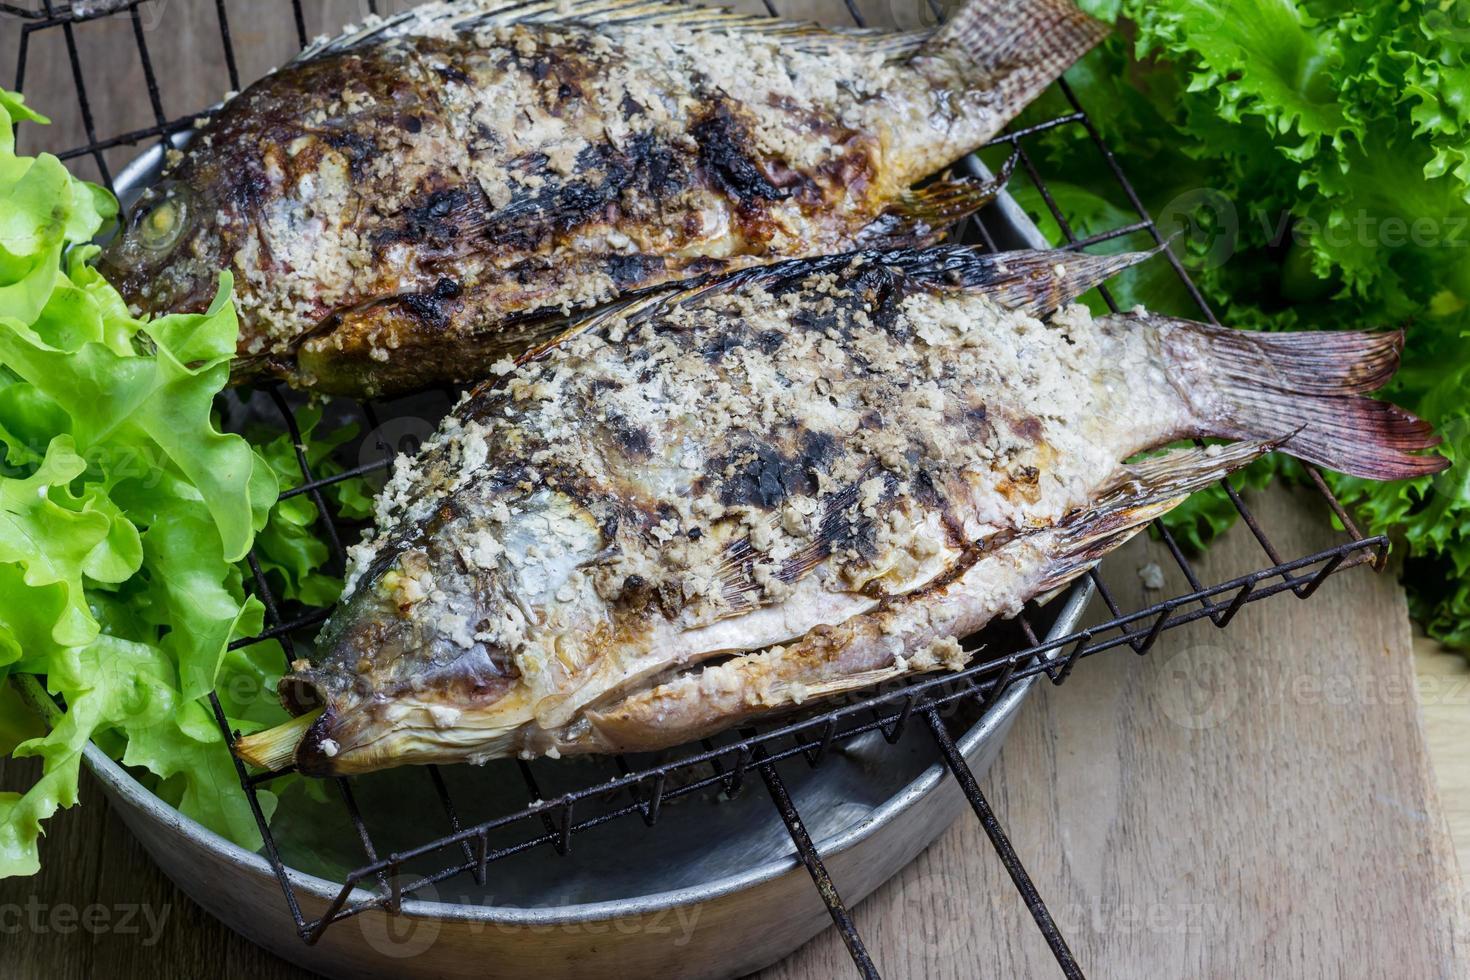 sal em crosta de peixe tilápia do nilo grelhado foto